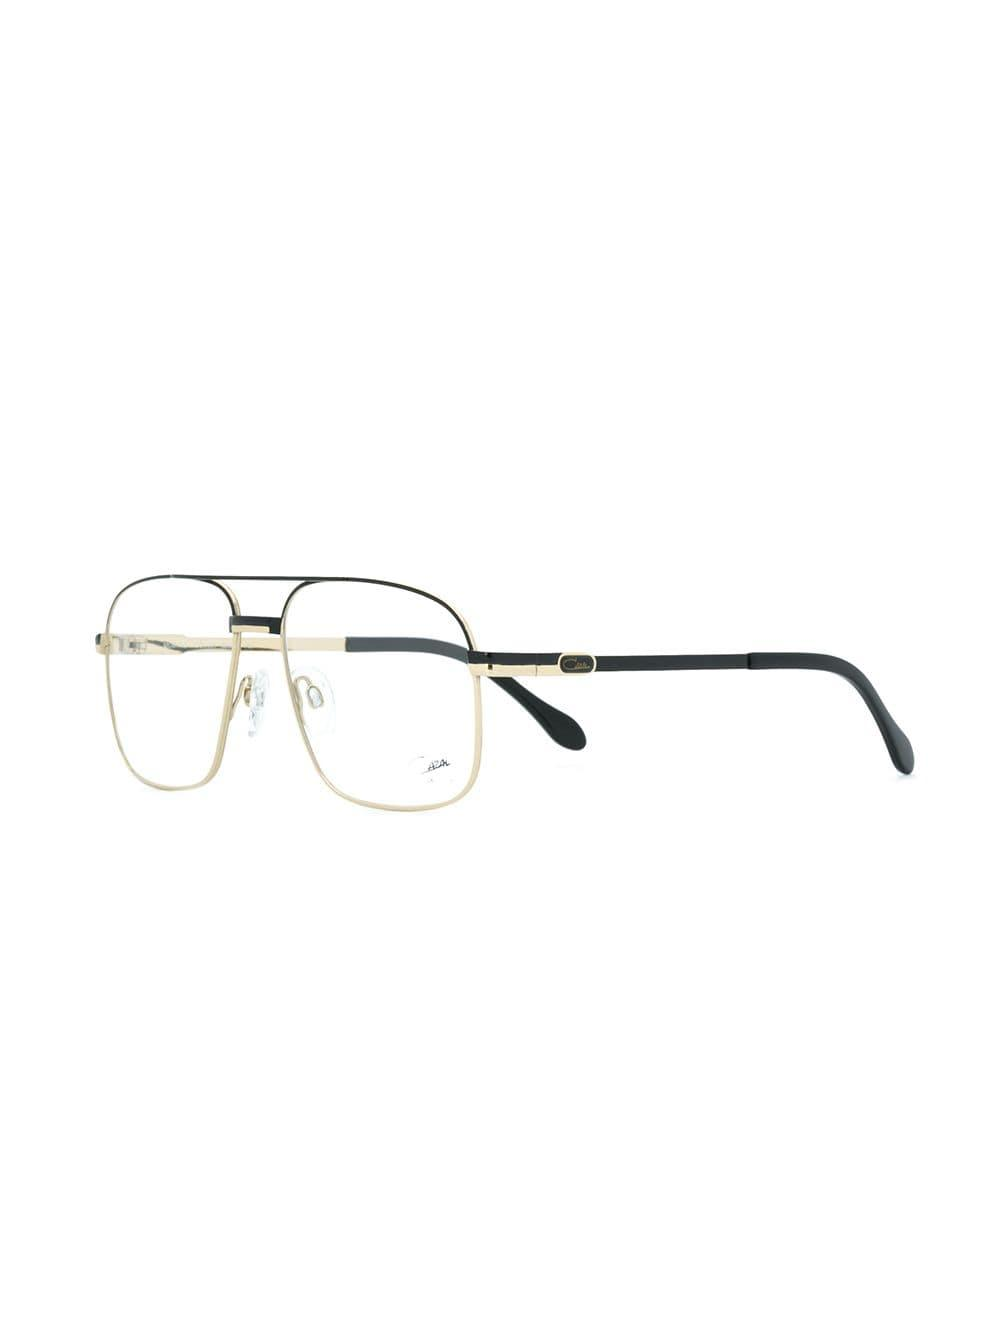 27aea01d5e6 Cazal Aviator Glasses in Metallic for Men - Lyst